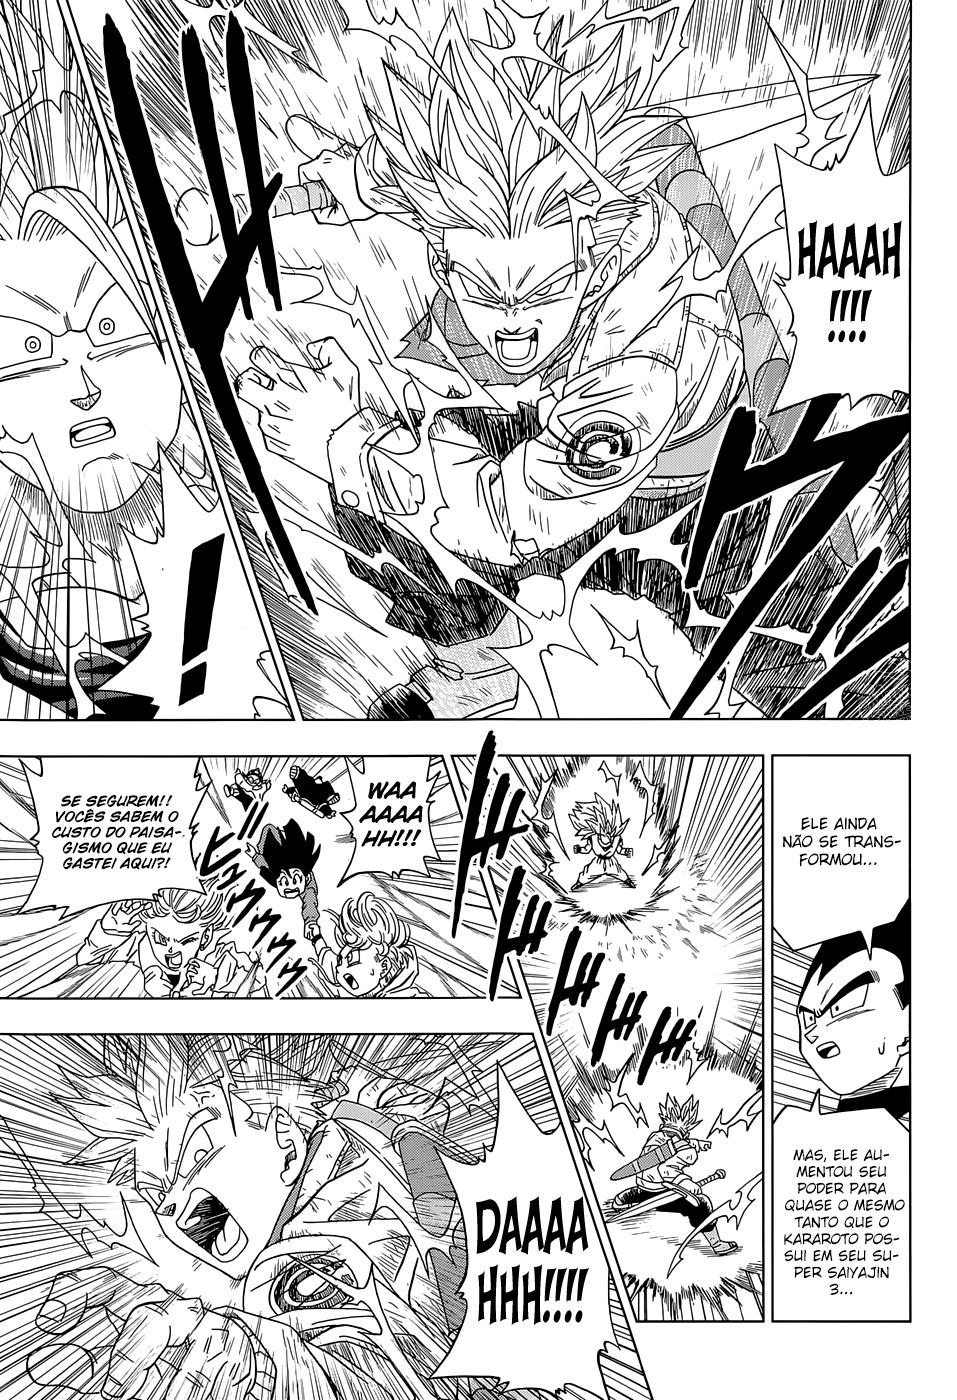 Faz sentido os Fans de Animes Falarem que se Personagem Fraco Vencer Alguém que destrói uma Montanha ele Também destrói uma Montanha? Trunks11